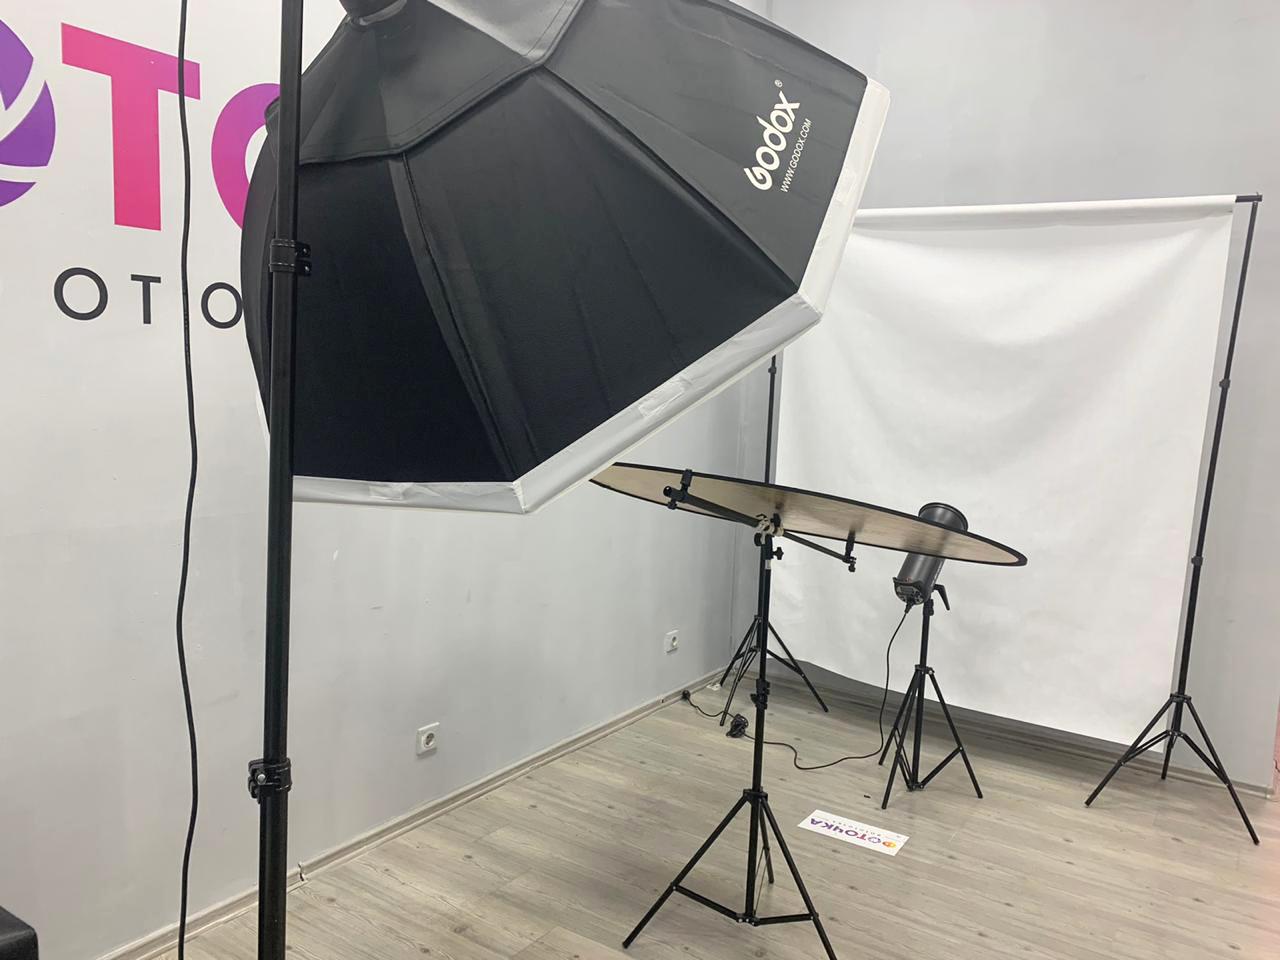 открыть фотостудию бизнес отзывы владельцев